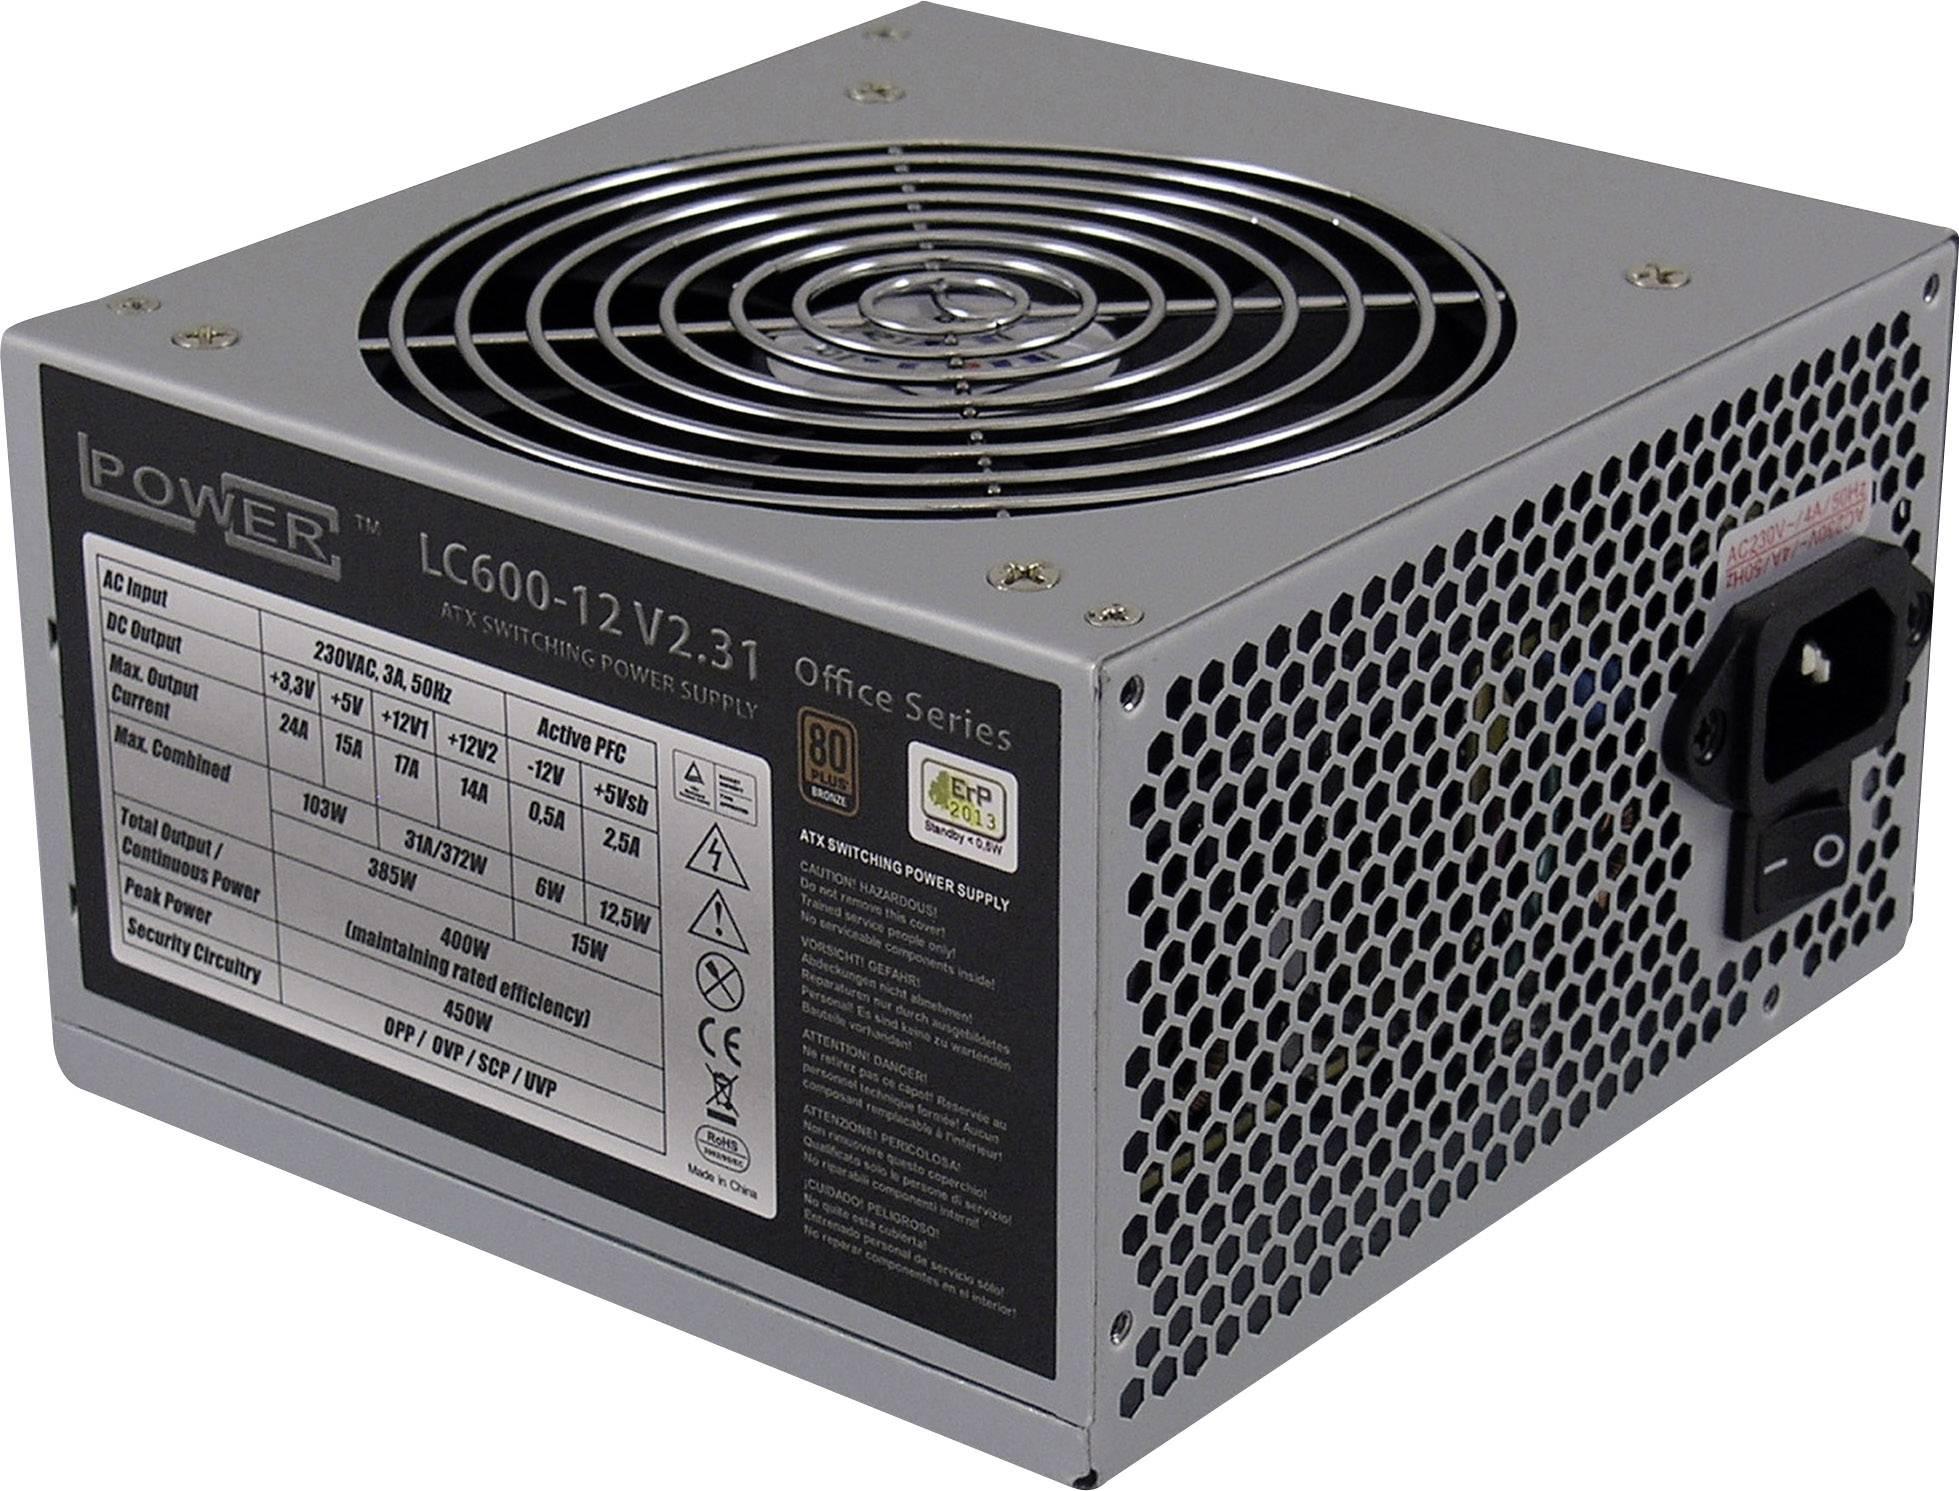 PC síťový zdroj LC-Power LC600-12 V 2.31 450 W ATX bez certifikace